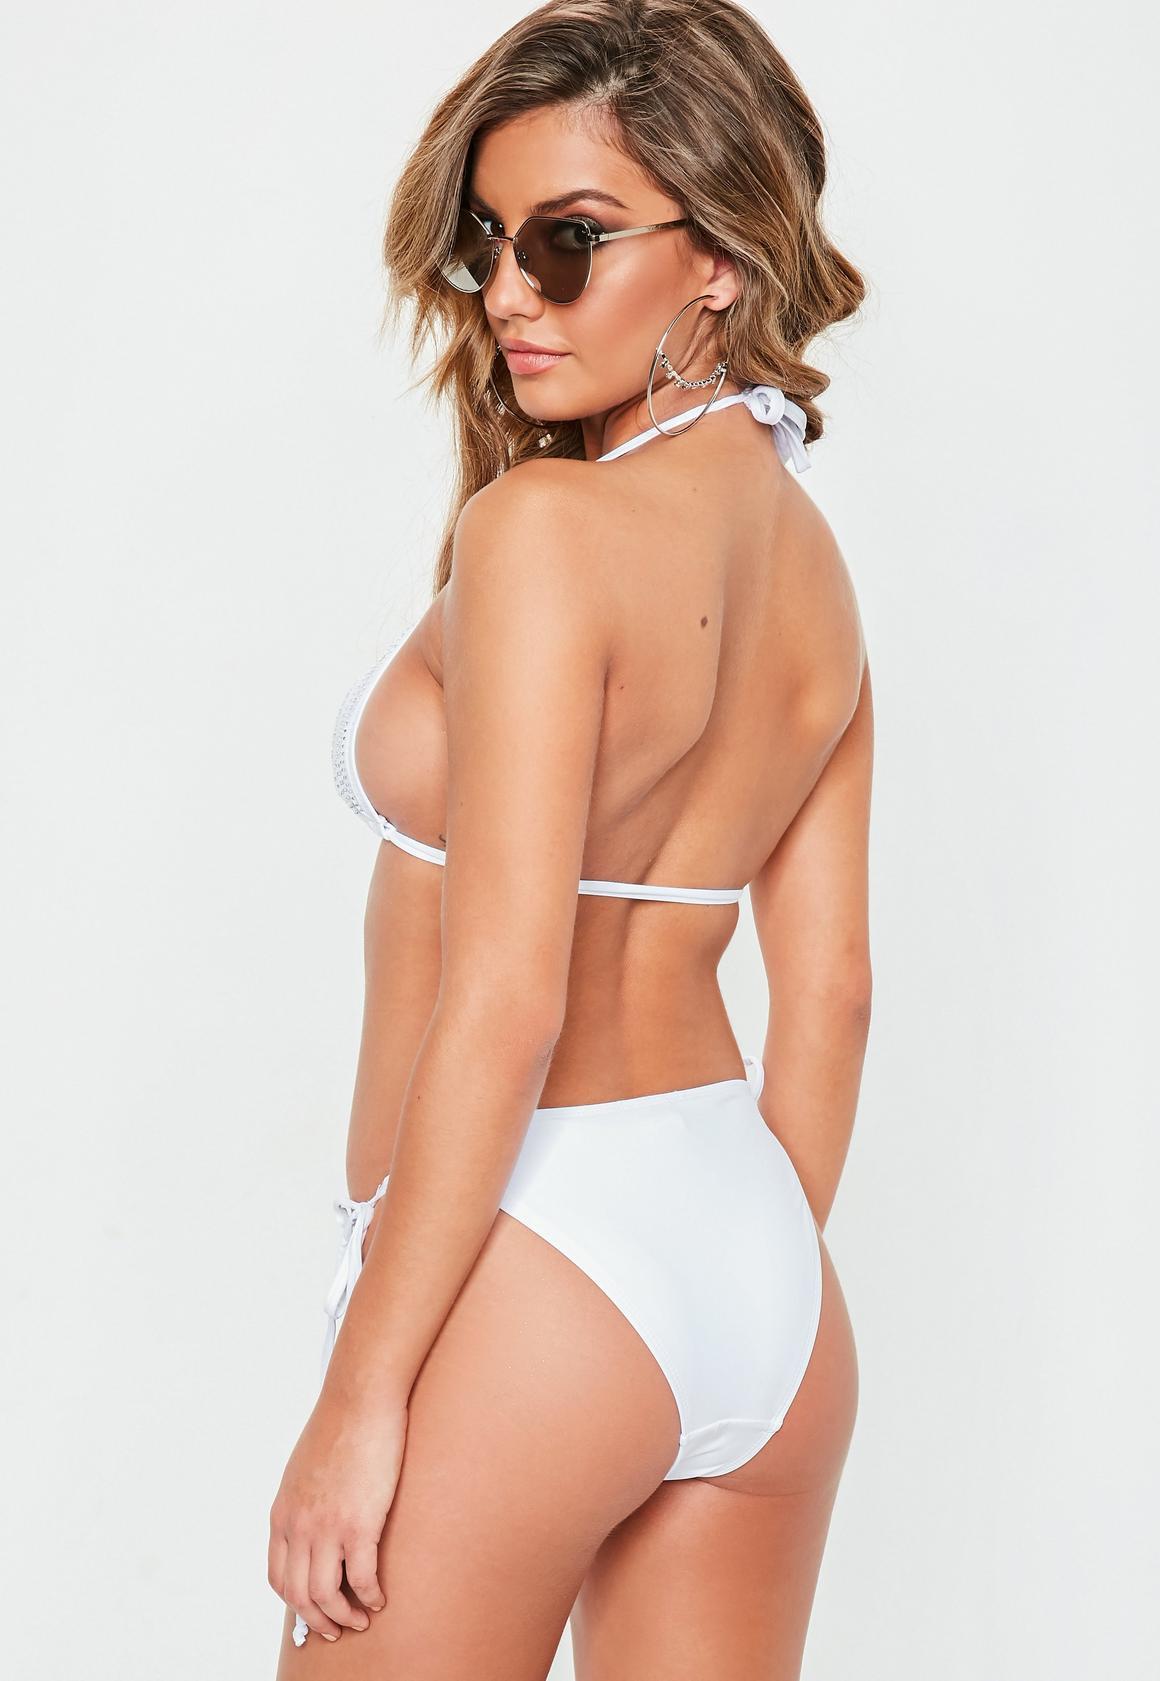 Missguided - Verziertes Triangel Bikini-Set in Weiß - 2